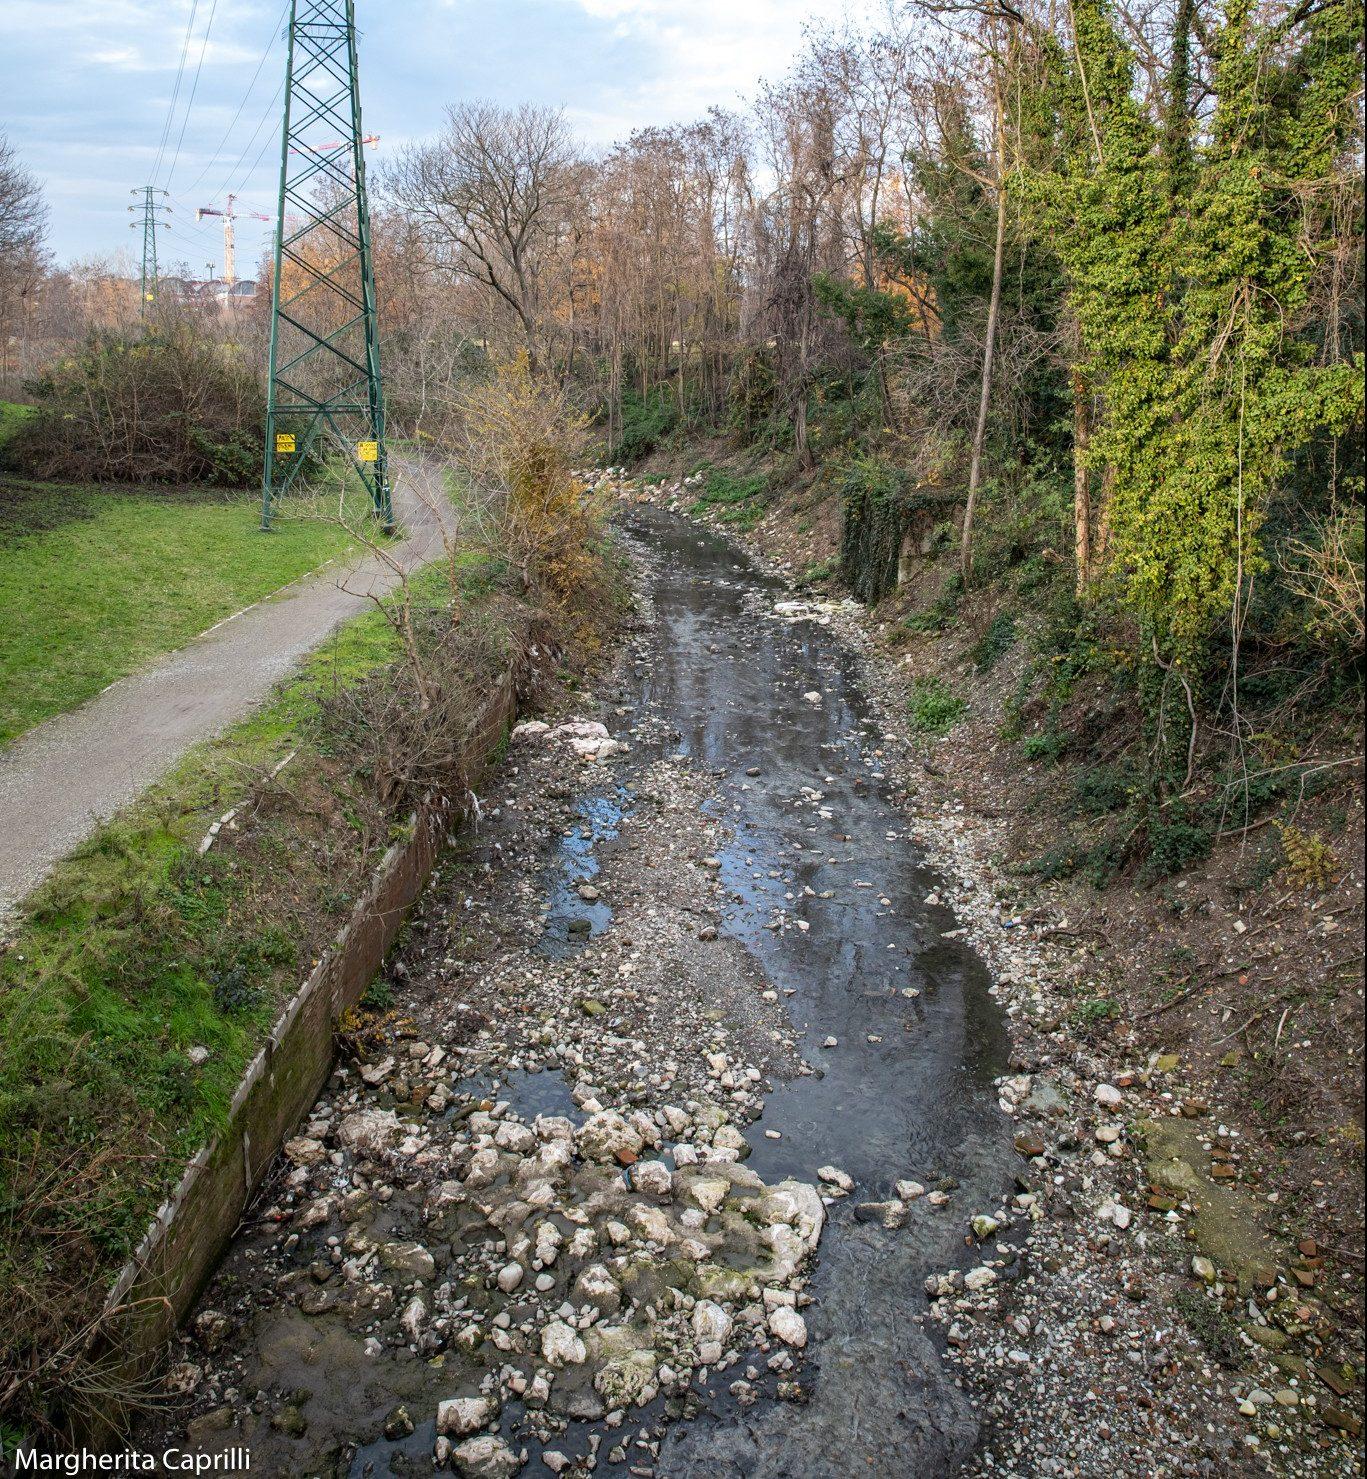 Terminano i lavori al Canale Navile, una delle azioni chiave per ridurre il rischio idrogeologico